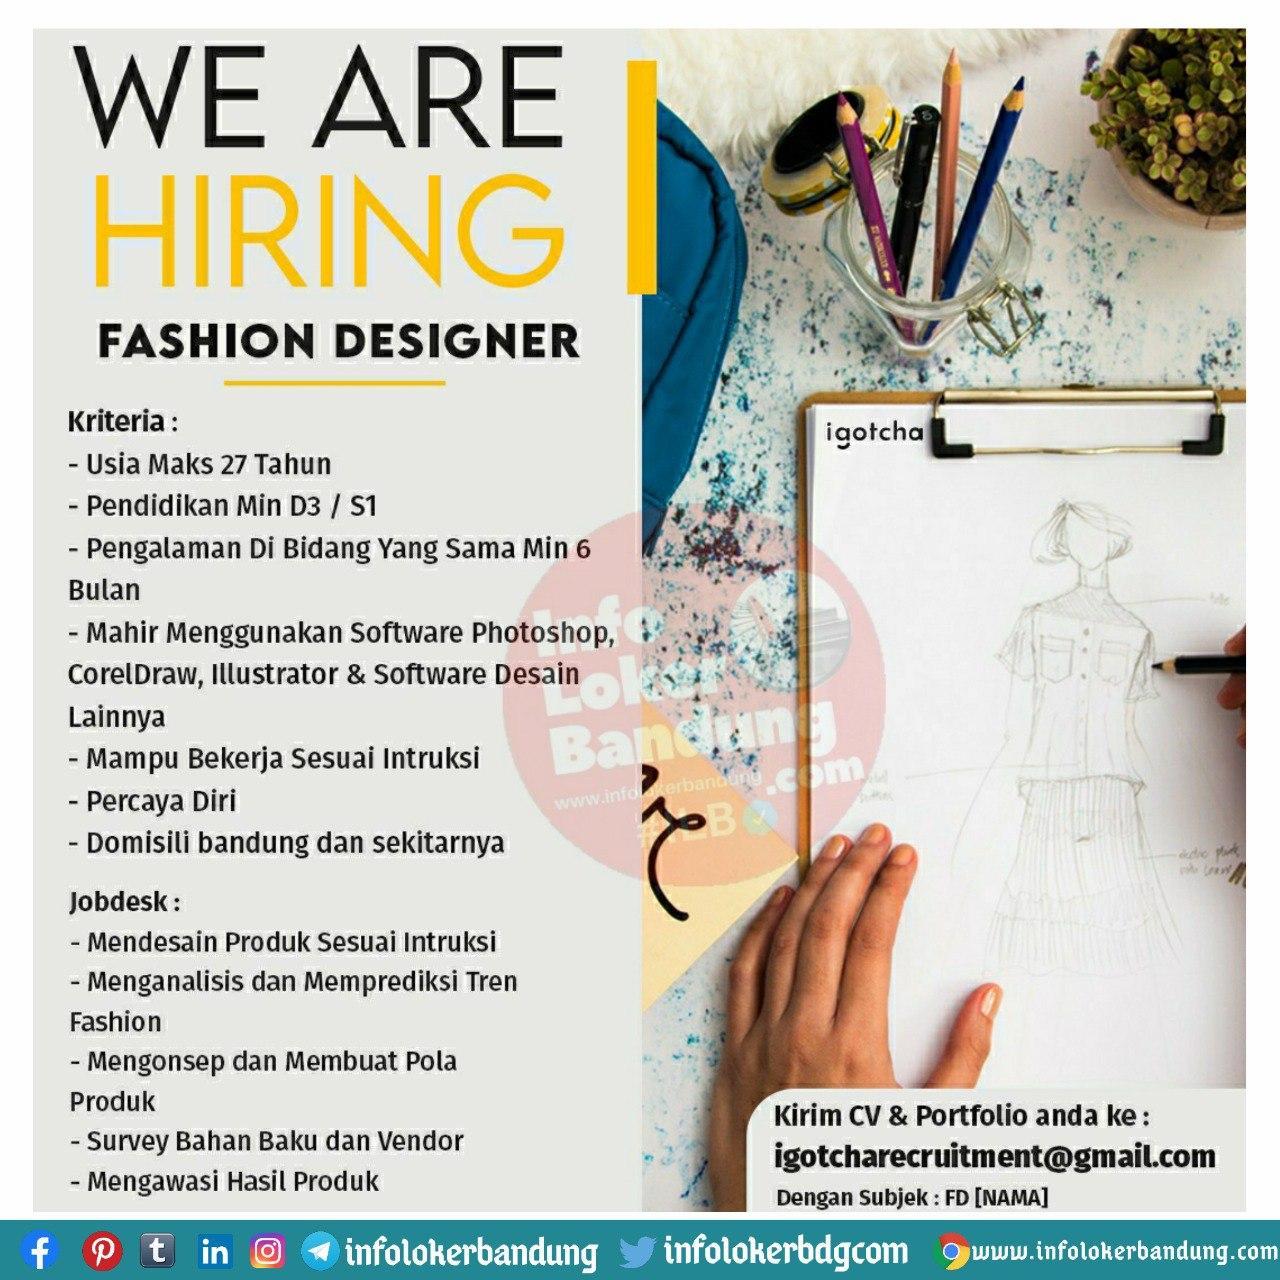 Lowongan Kerja Fashion Designer Igotcha Bandung September 2020